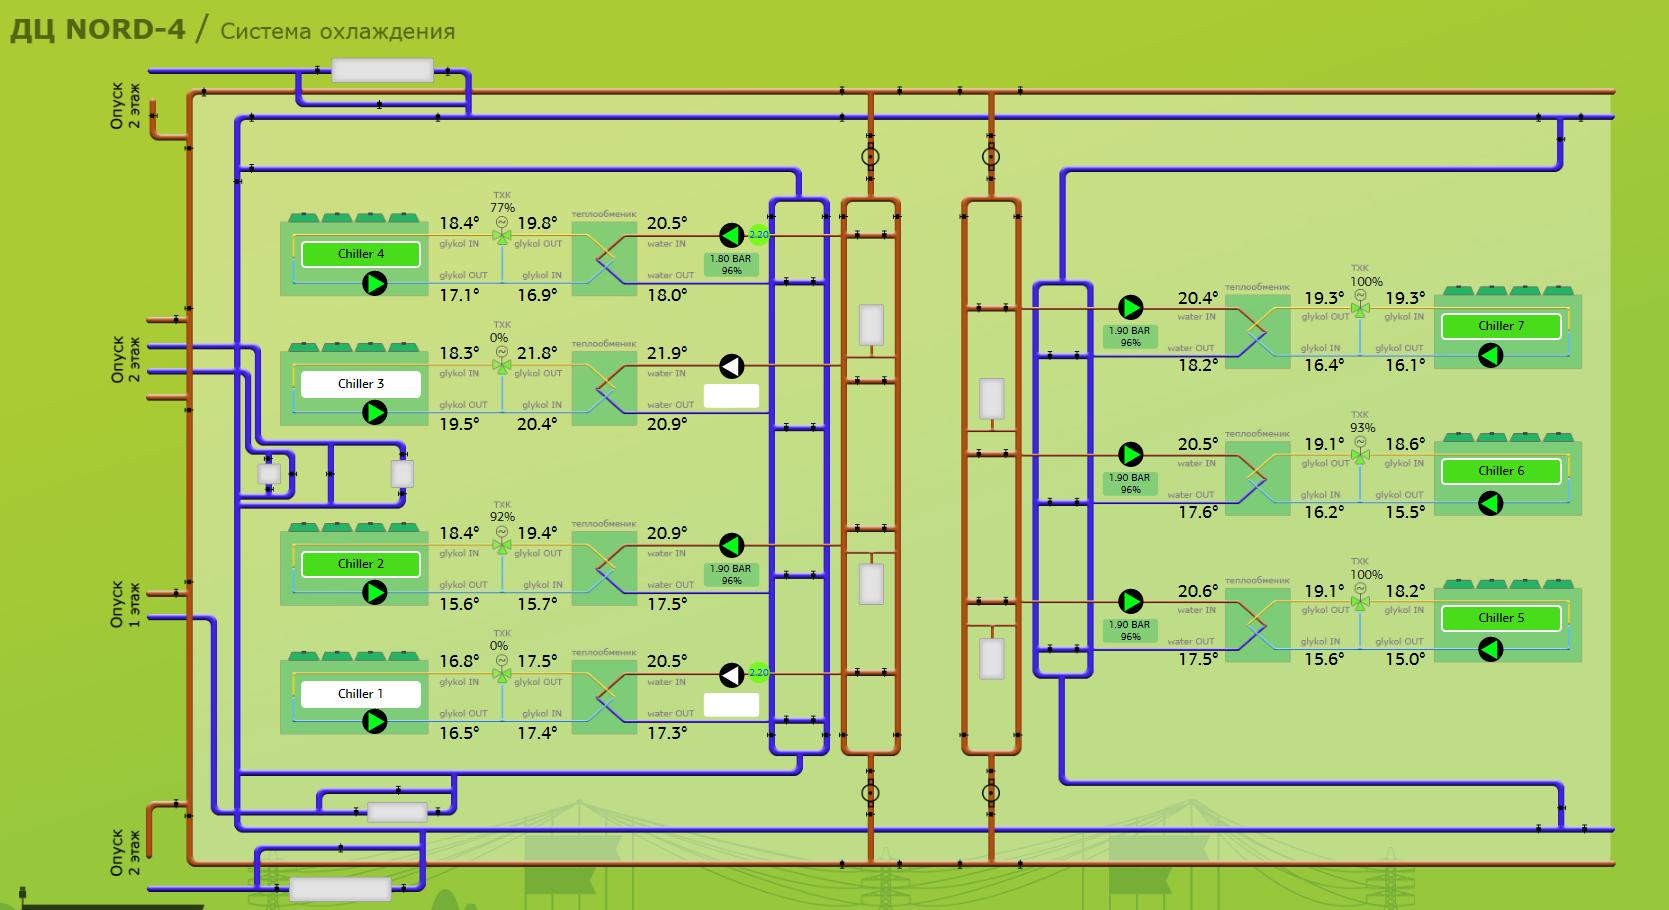 Мониторинг инженерной инфраструктуры в дата-центре. Часть 3. Система холодоснабжения - 1